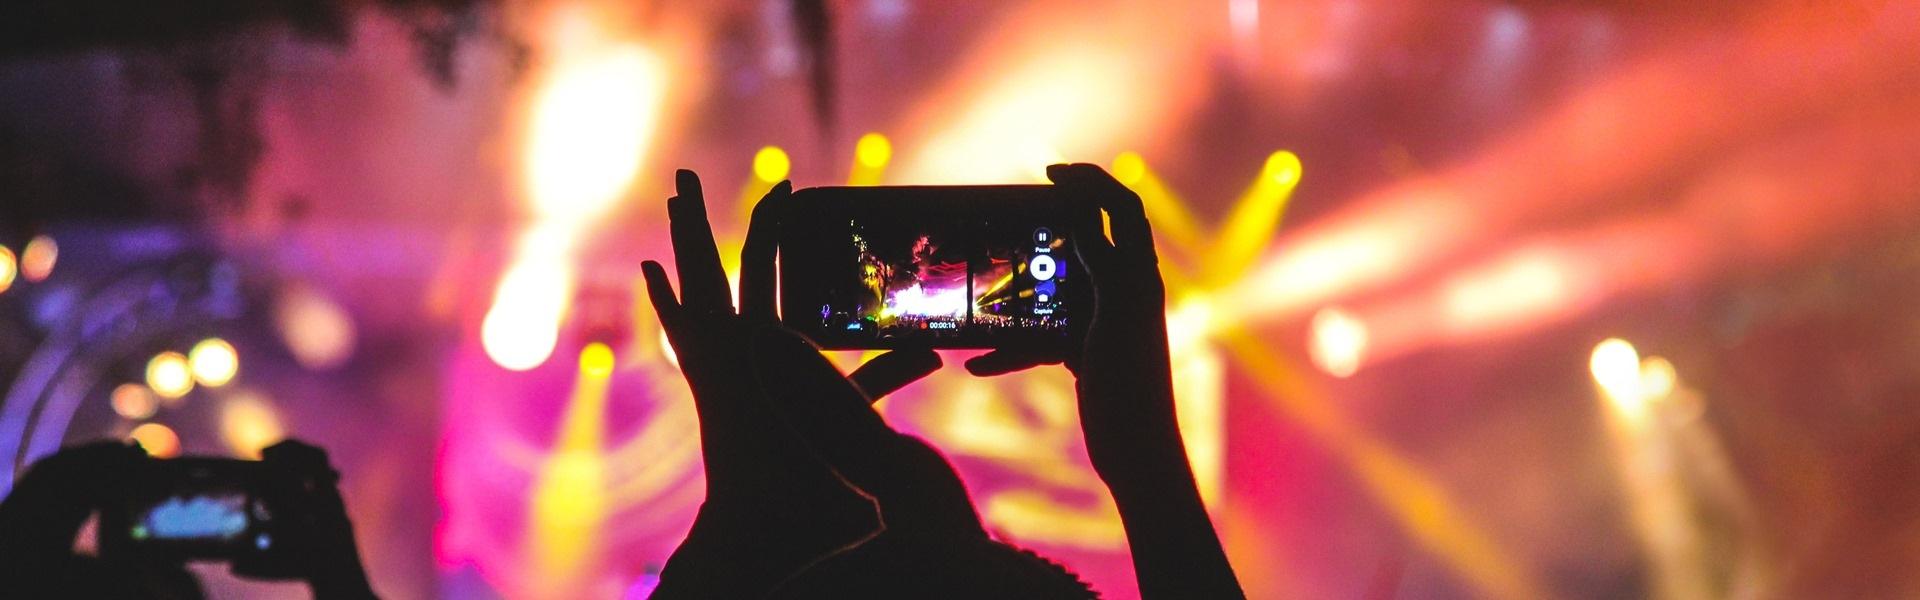 Как продвигать видео в Инстаграм: возможности Stories и IGTV